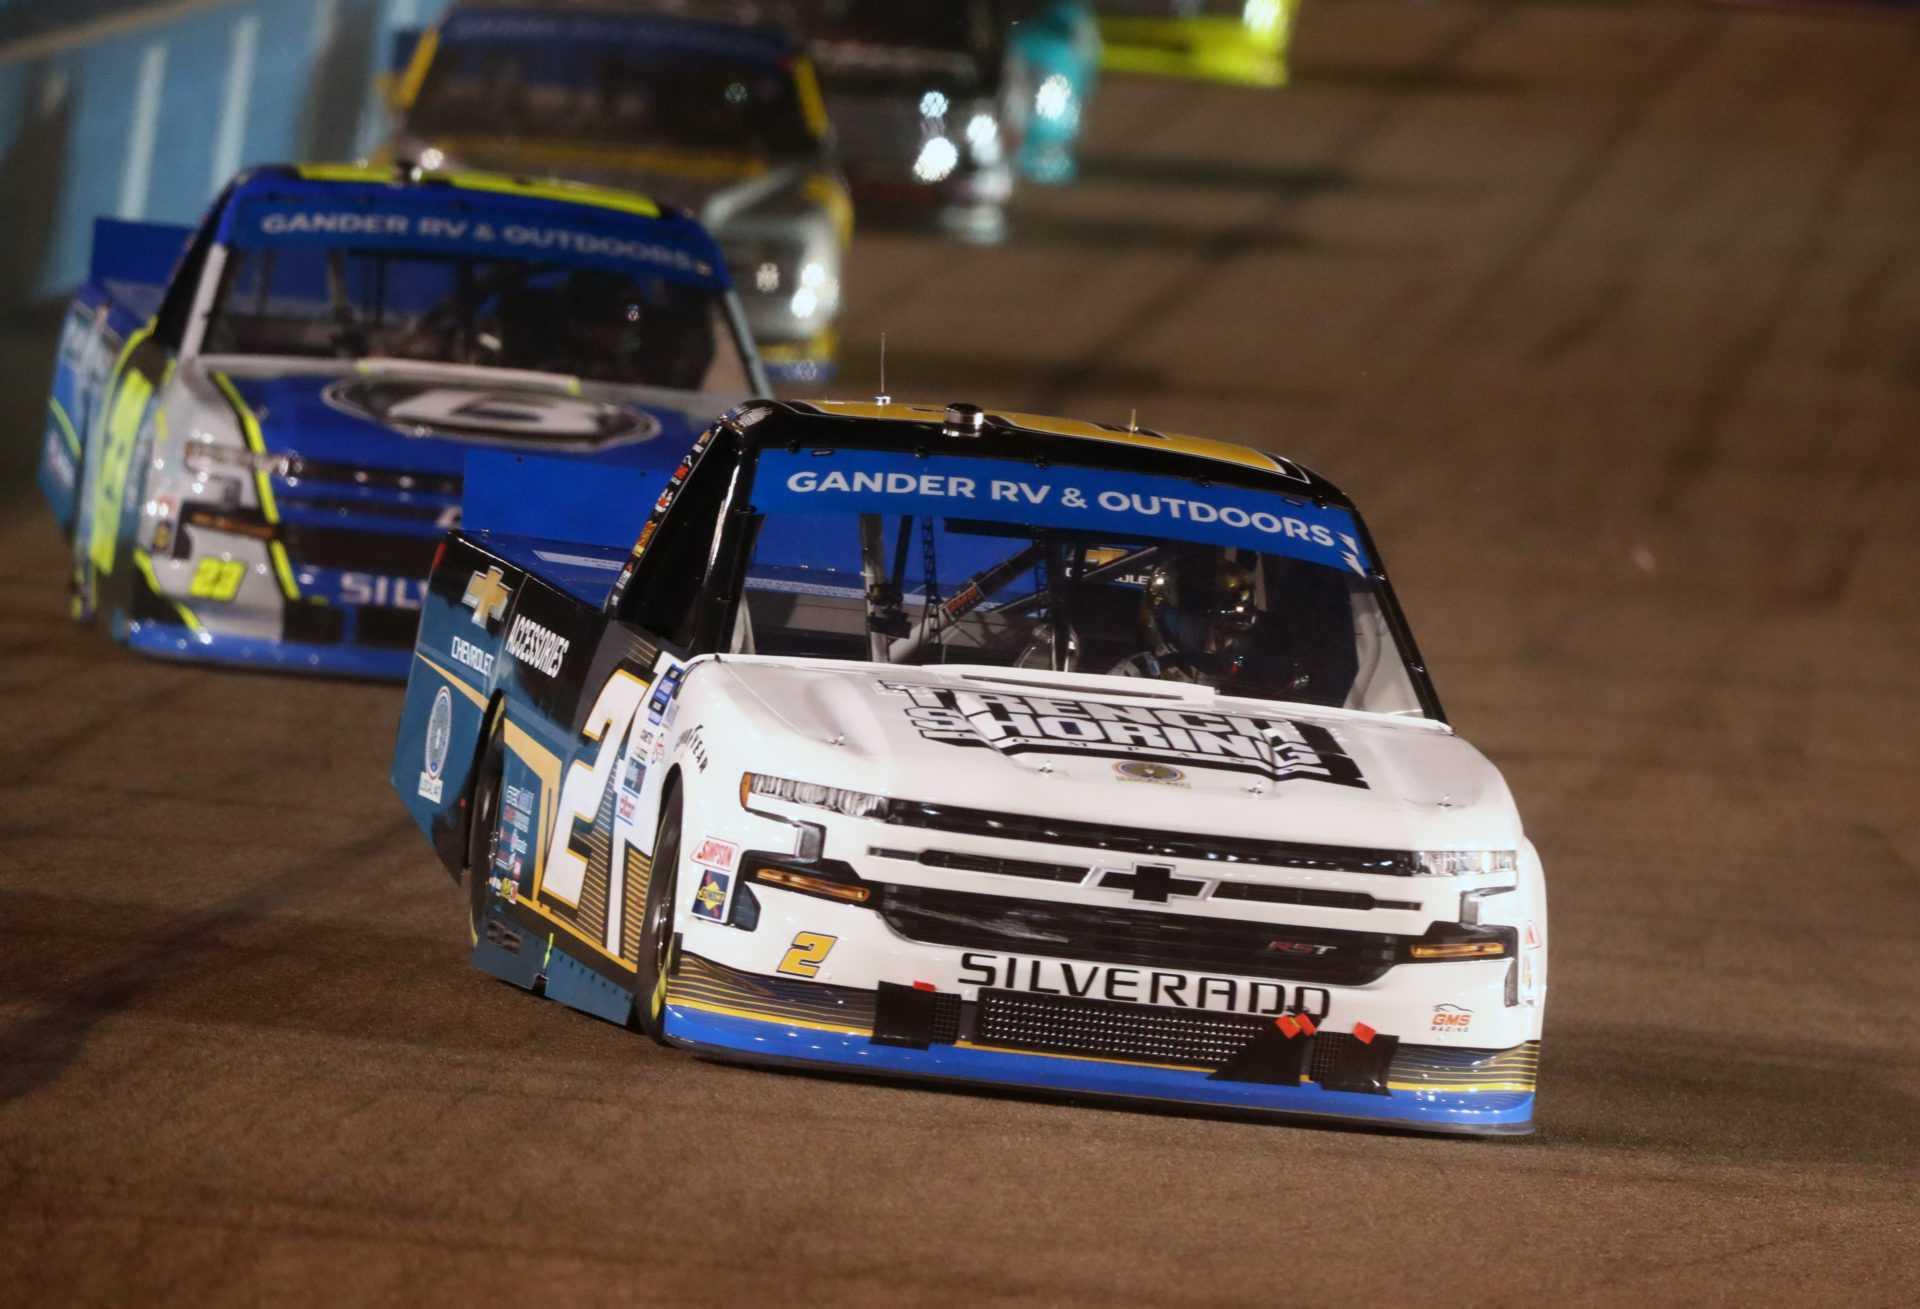 RAPPORTS: NASCAR fera une grande annonce sur le calendrier des